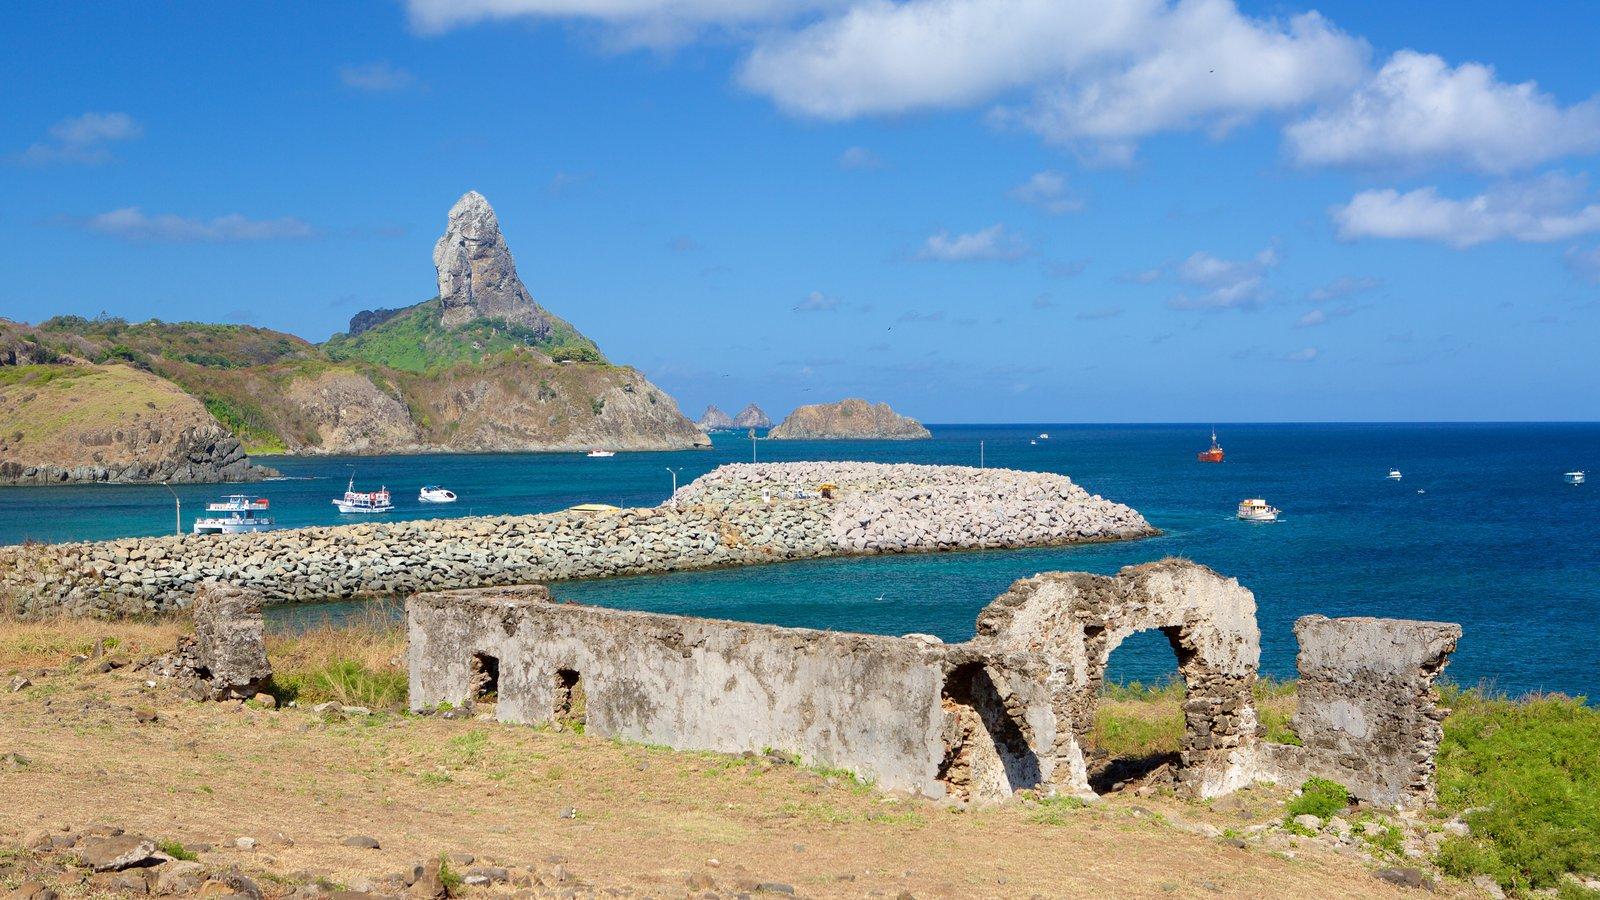 Ruínas do Forte de Santo Antônio caracterizando uma ruína e paisagens litorâneas